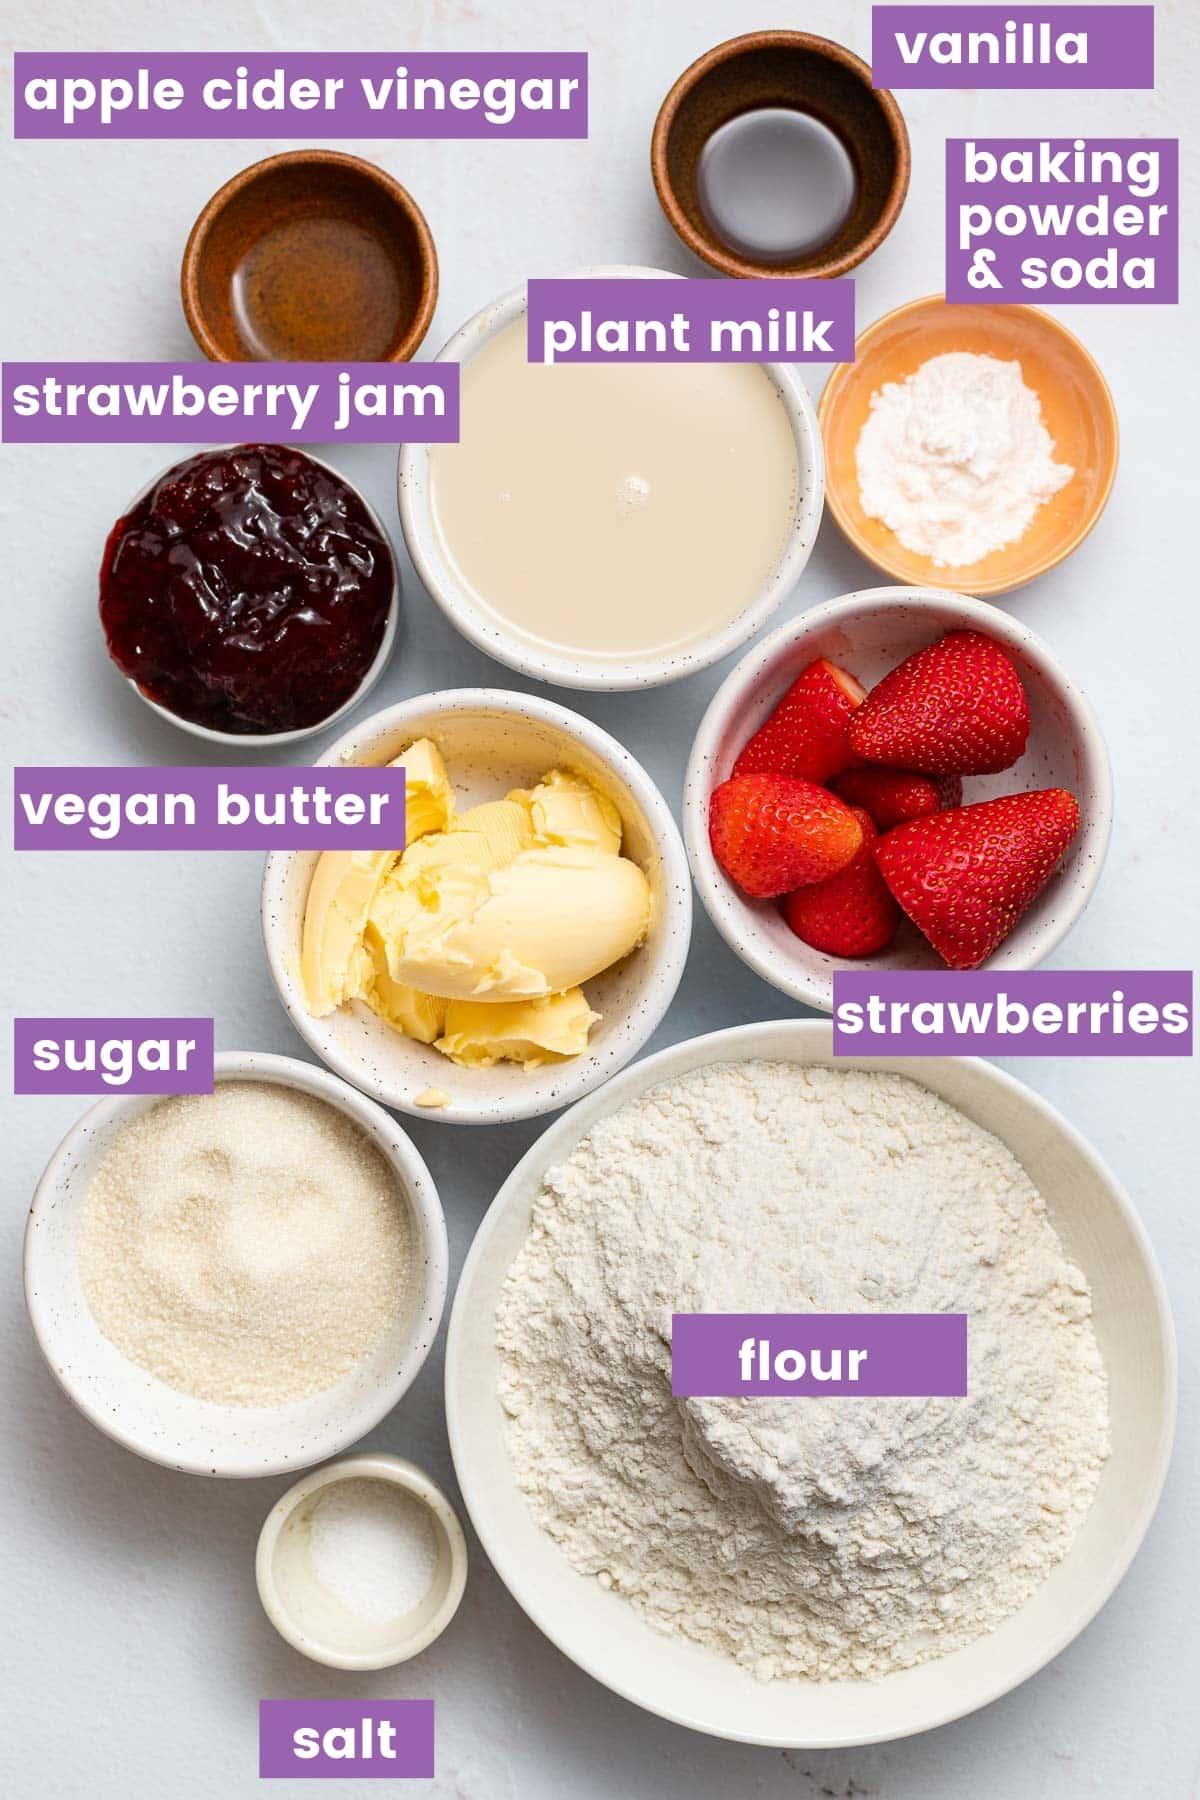 strawberry muffin ingredients as per written ingredient list